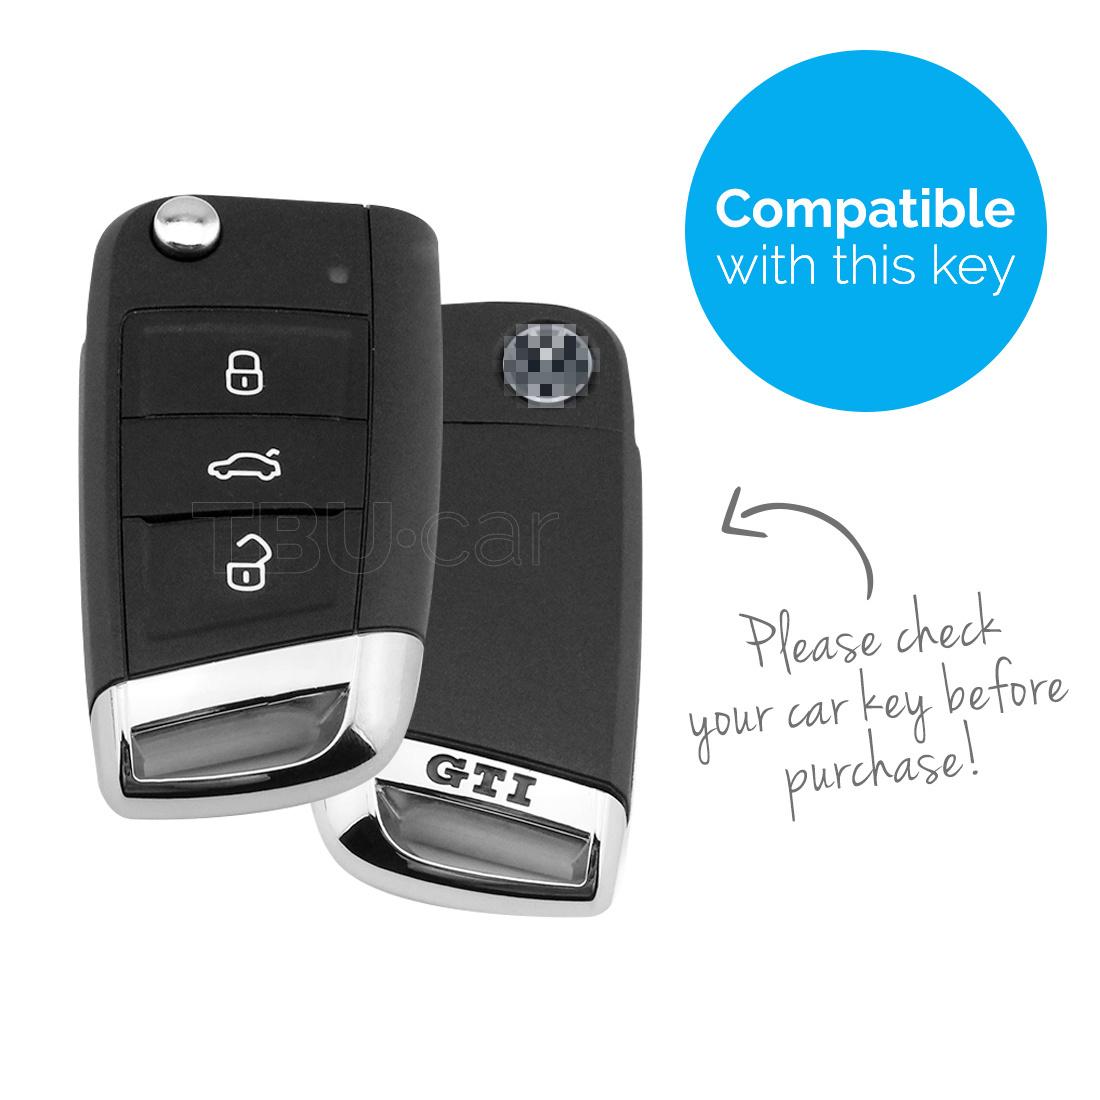 TBU car Autoschlüssel Hülle für Volkswagen GTI / R-Line 3 Tasten - Schutzhülle aus Silikon - Auto Schlüsselhülle Cover in Violett